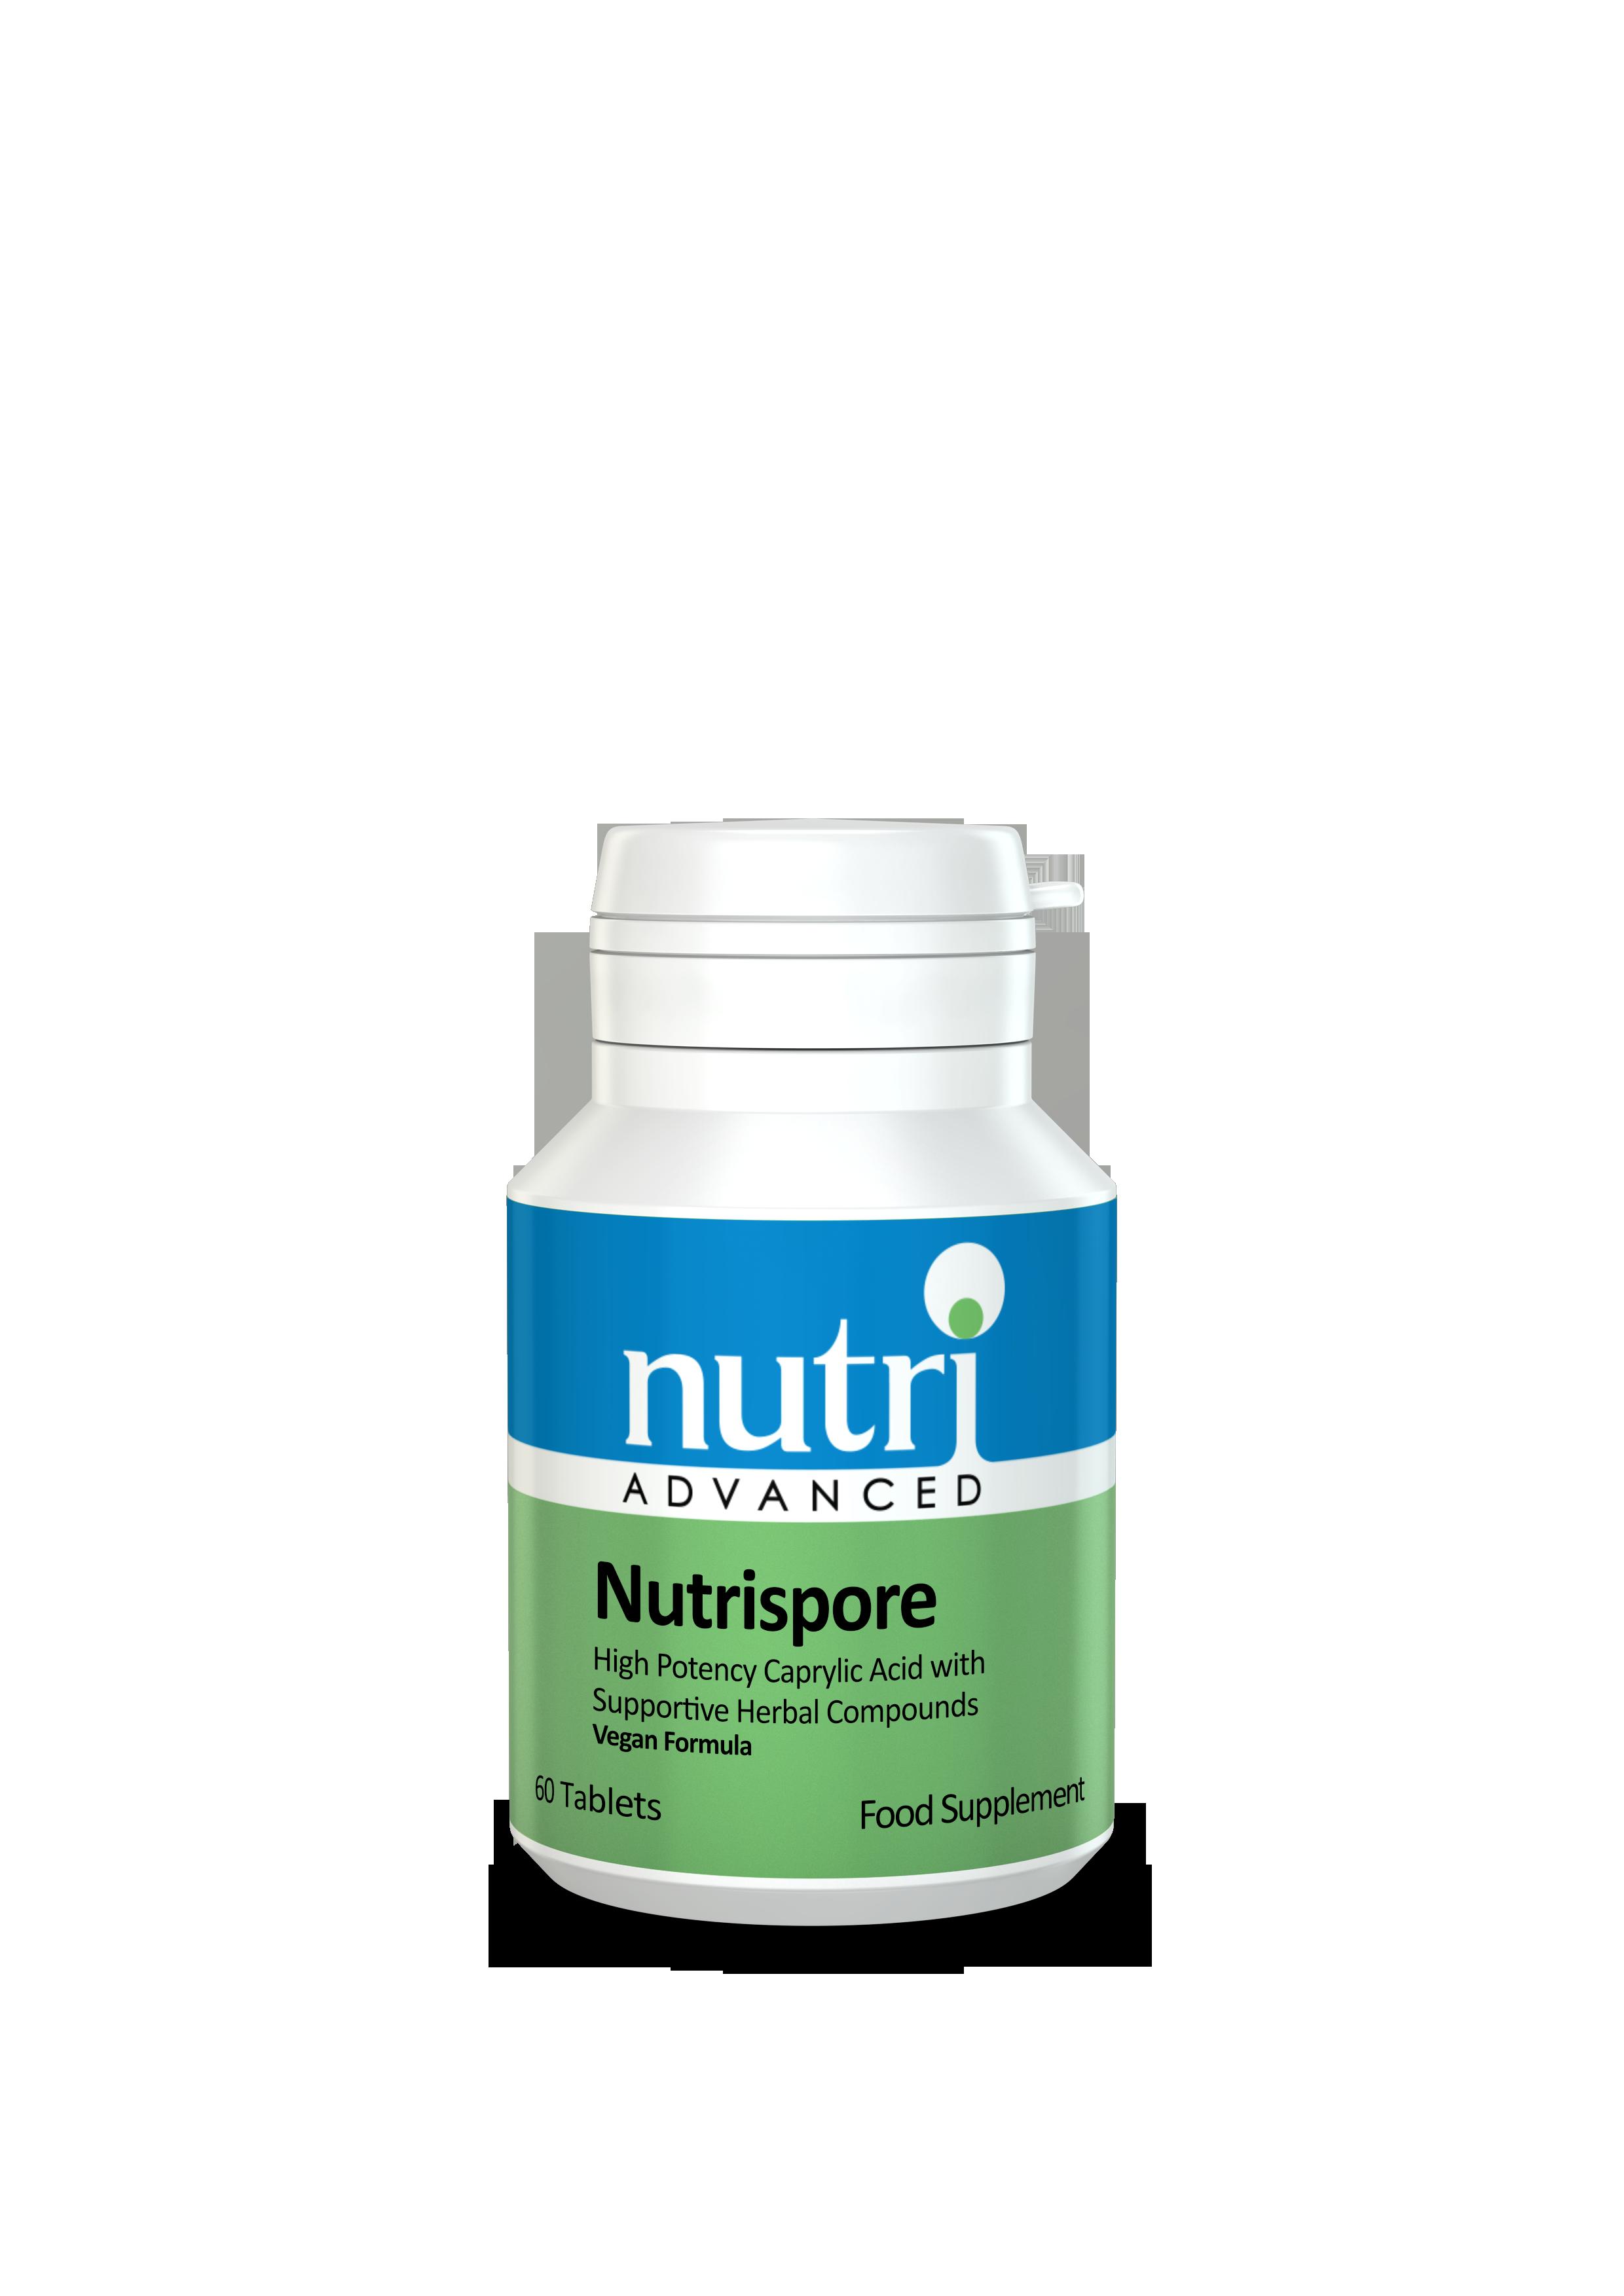 Nutri NutriSpore 60 tabs